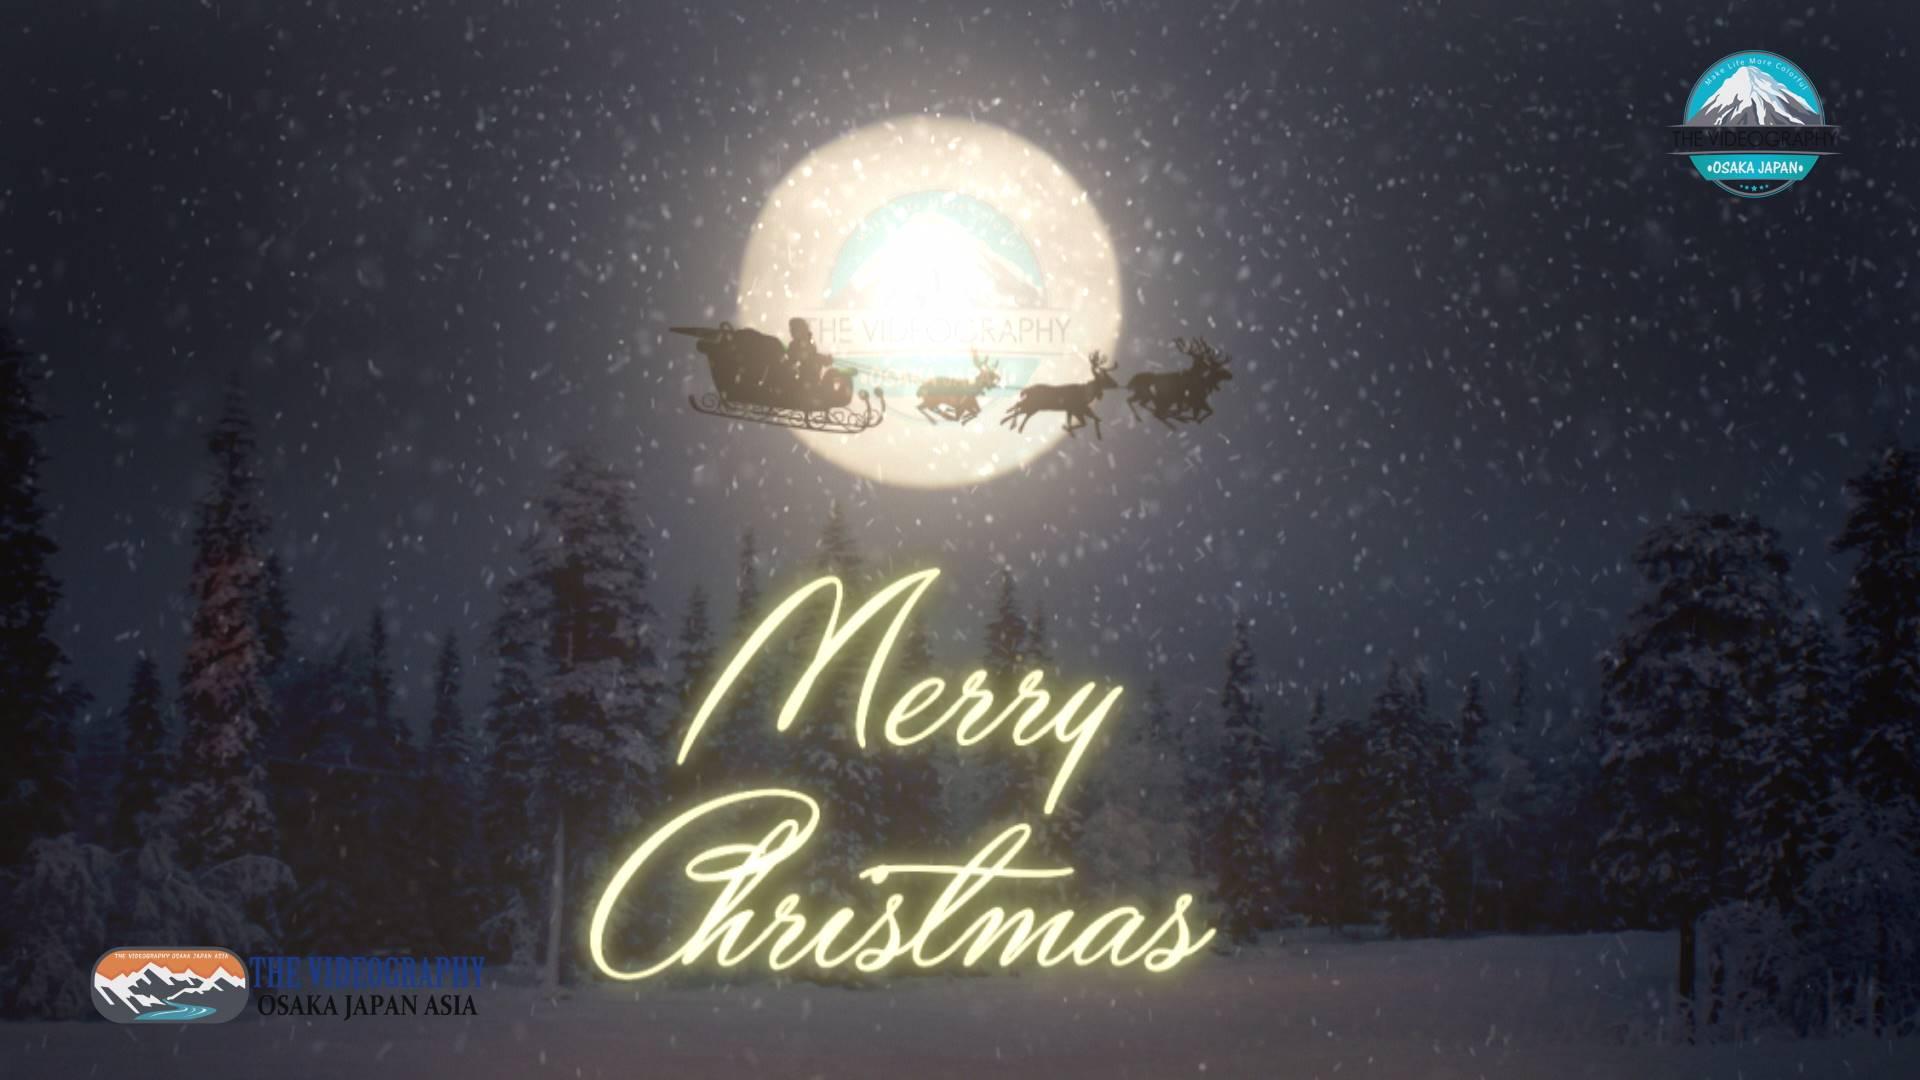 Happy Merry Christmas 2019・メリークリスマス プロモーションビデオ